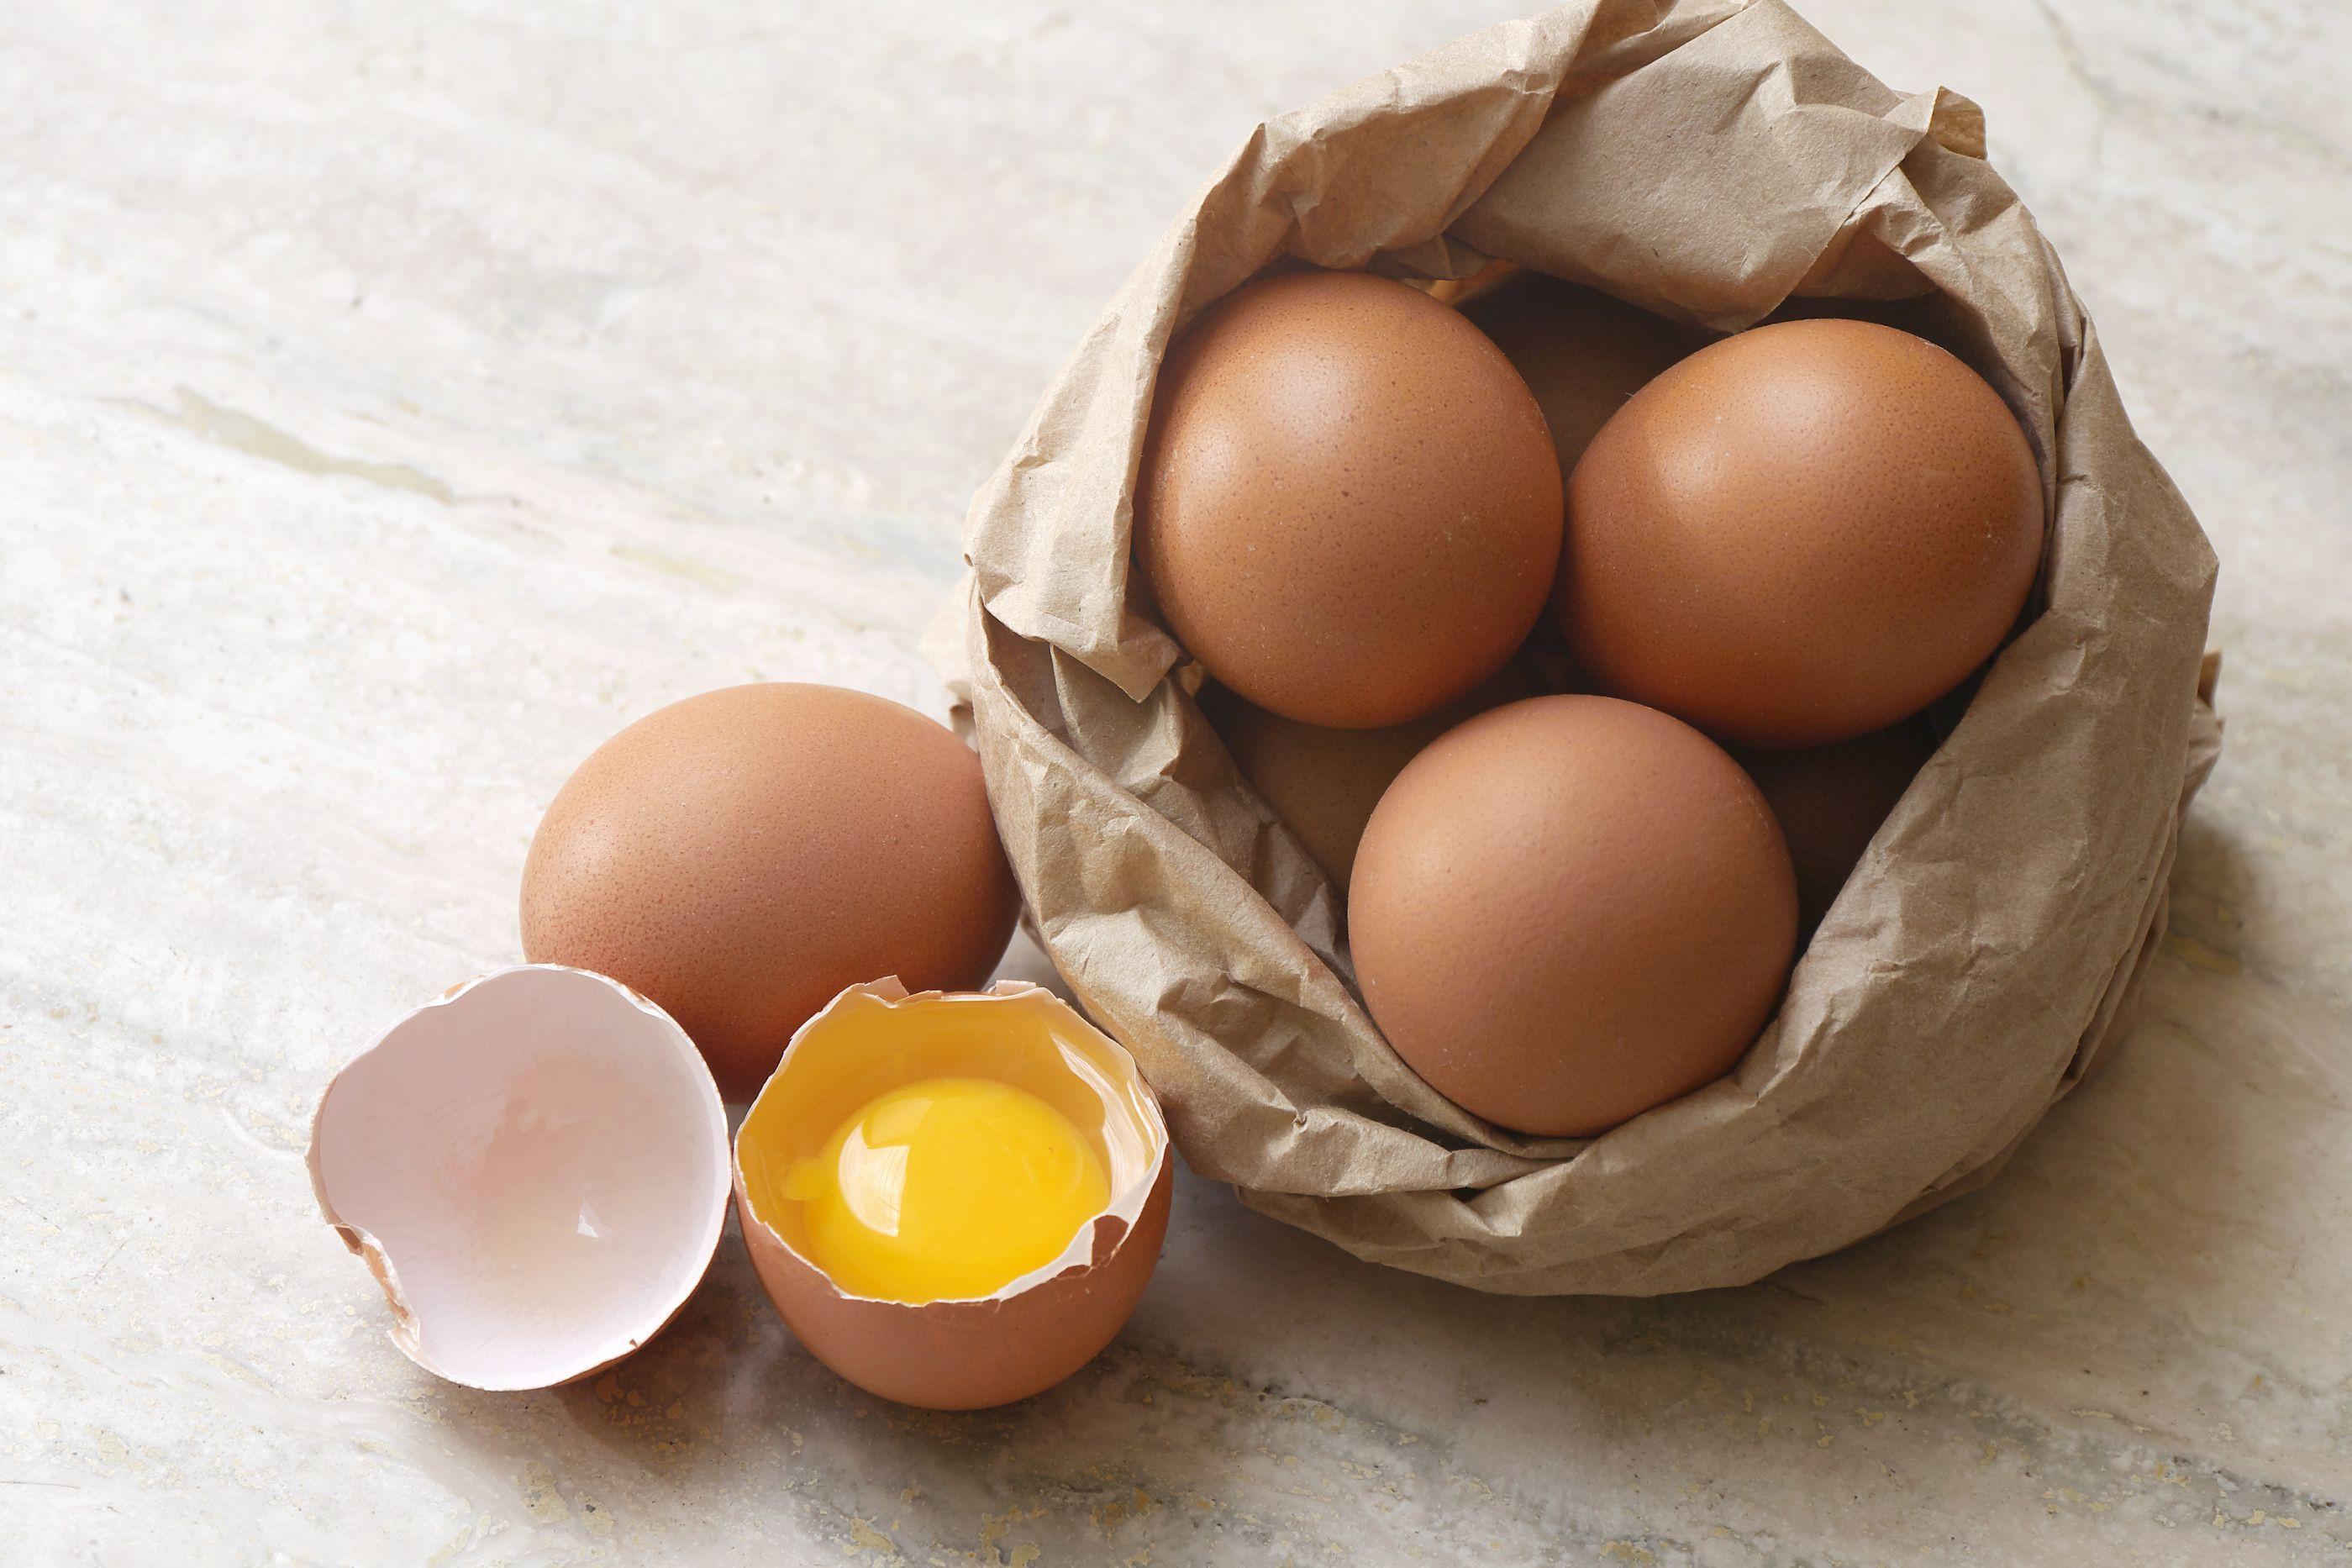 Frigorífico ou não. Afinal, qual é o melhor lugar para conservar os ovos?